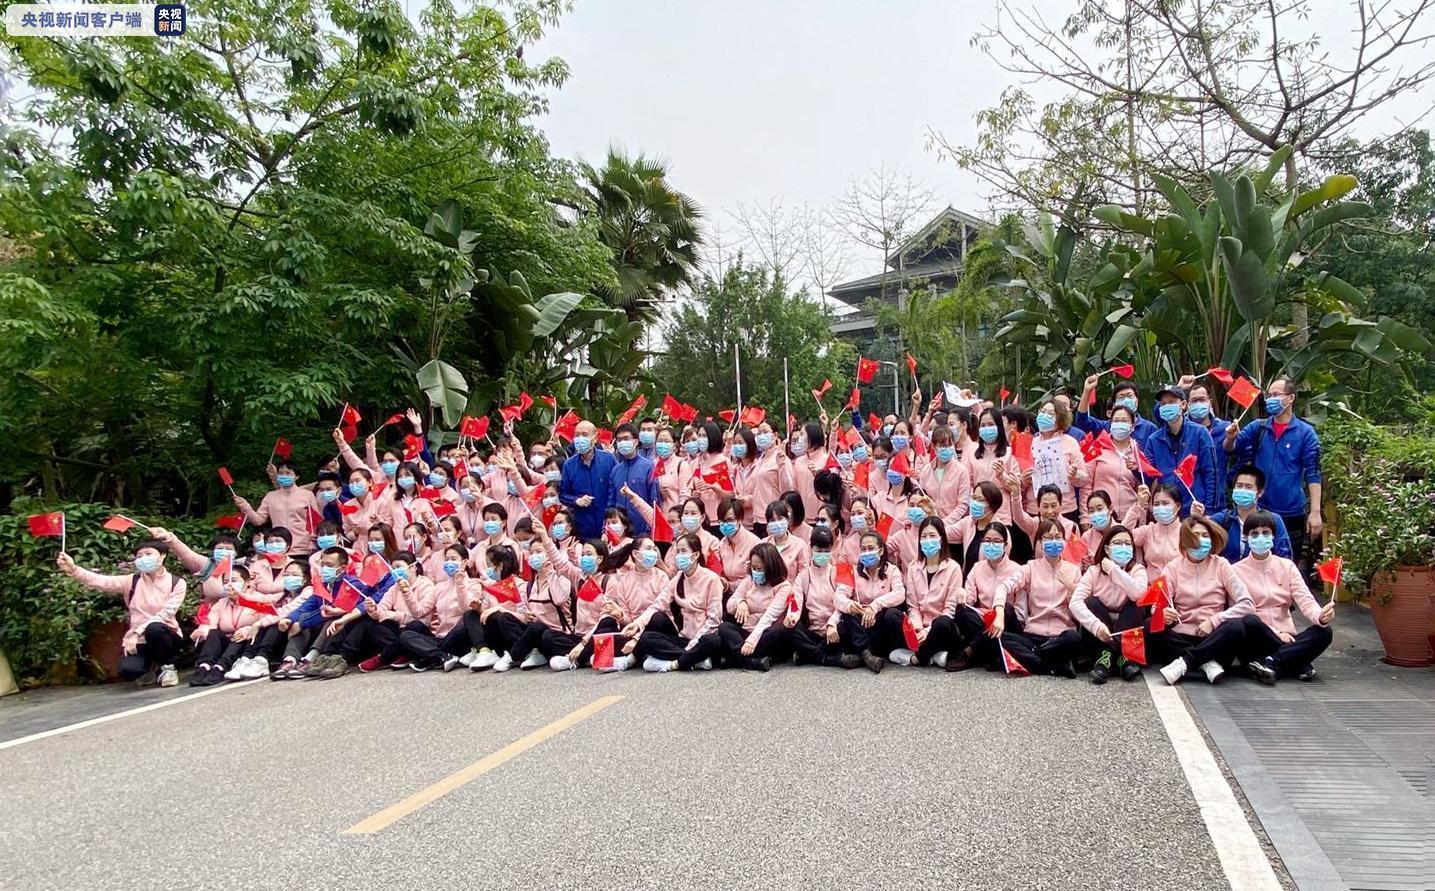 广西第六批援鄂抗疫医疗队结束休整 返回岗位图片